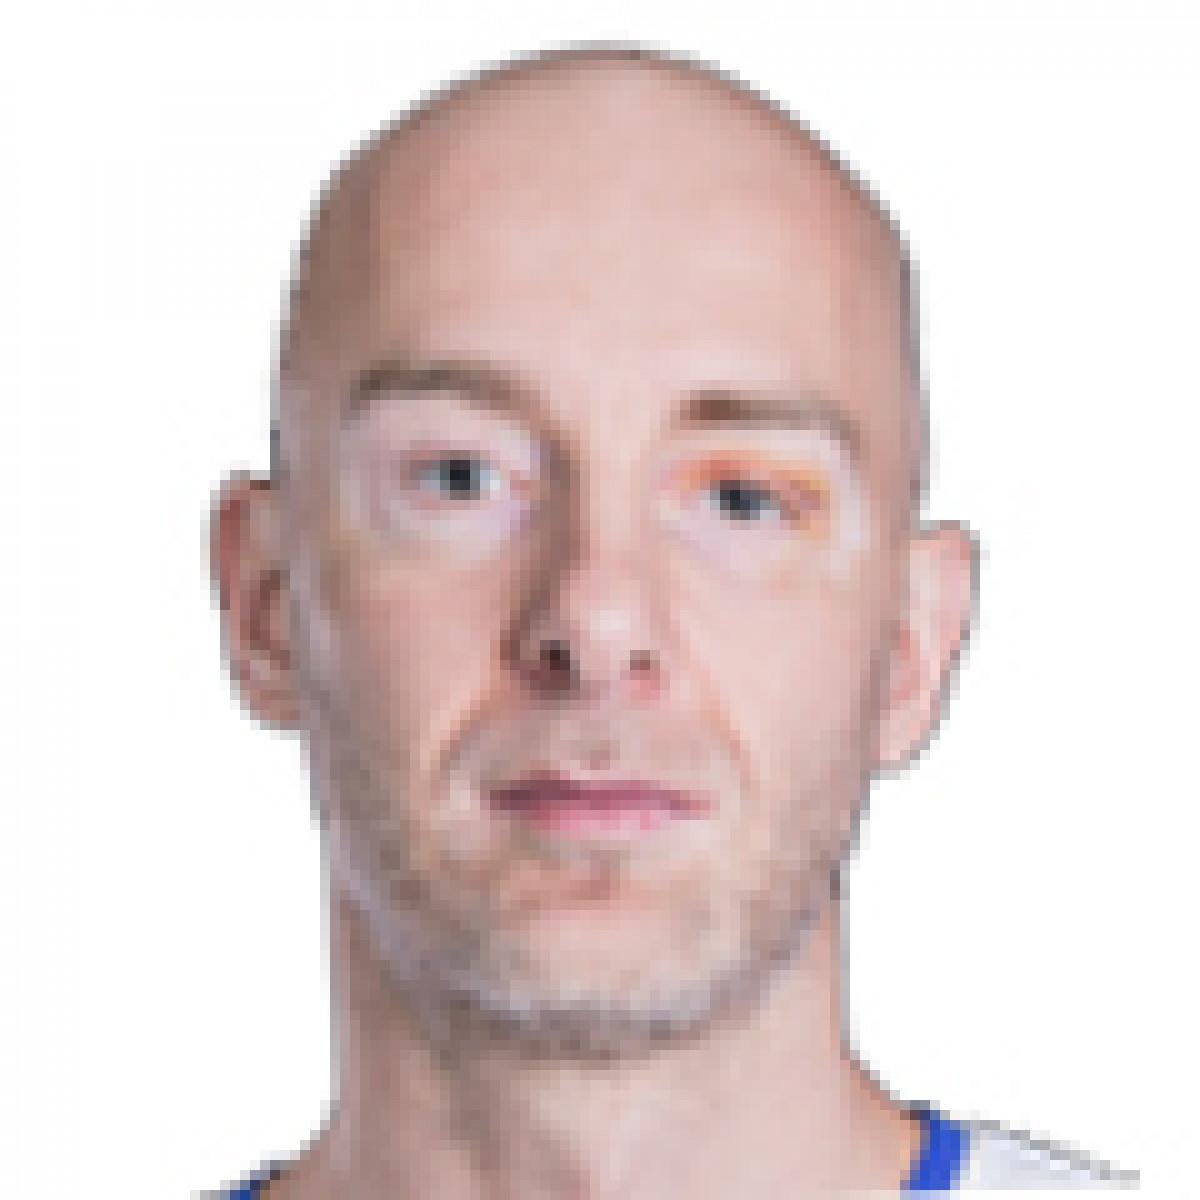 Tomasz Wojdyla